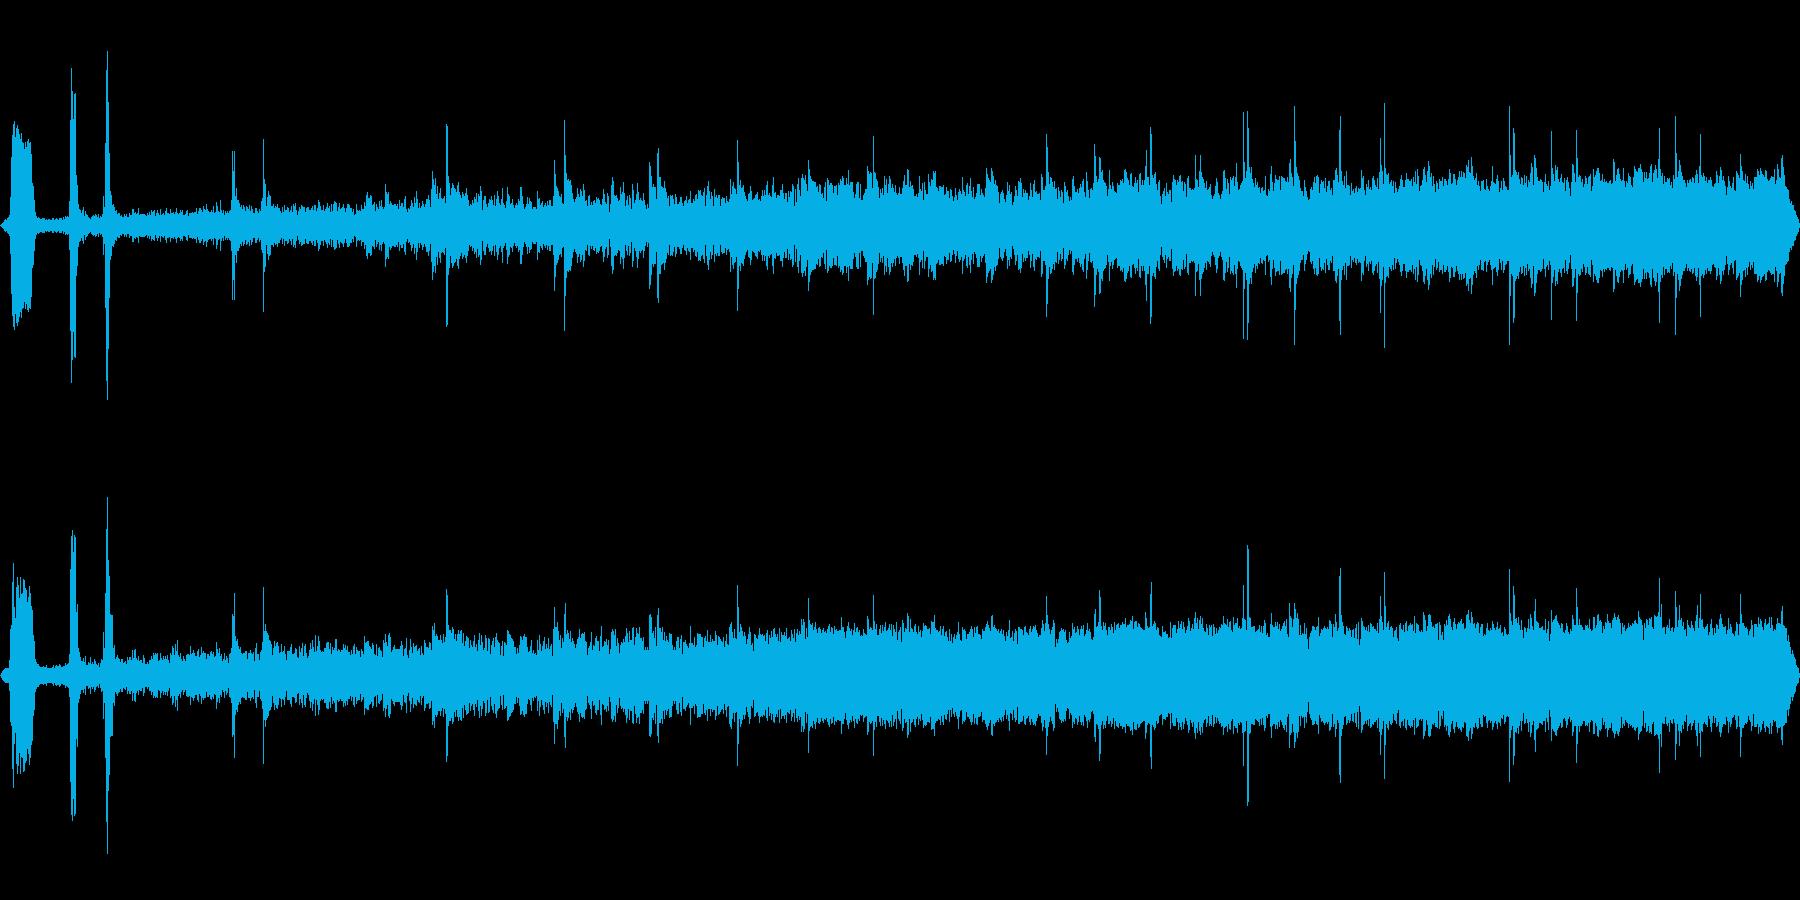 レトロな列車の出発 警笛 ガタンゴトンの再生済みの波形